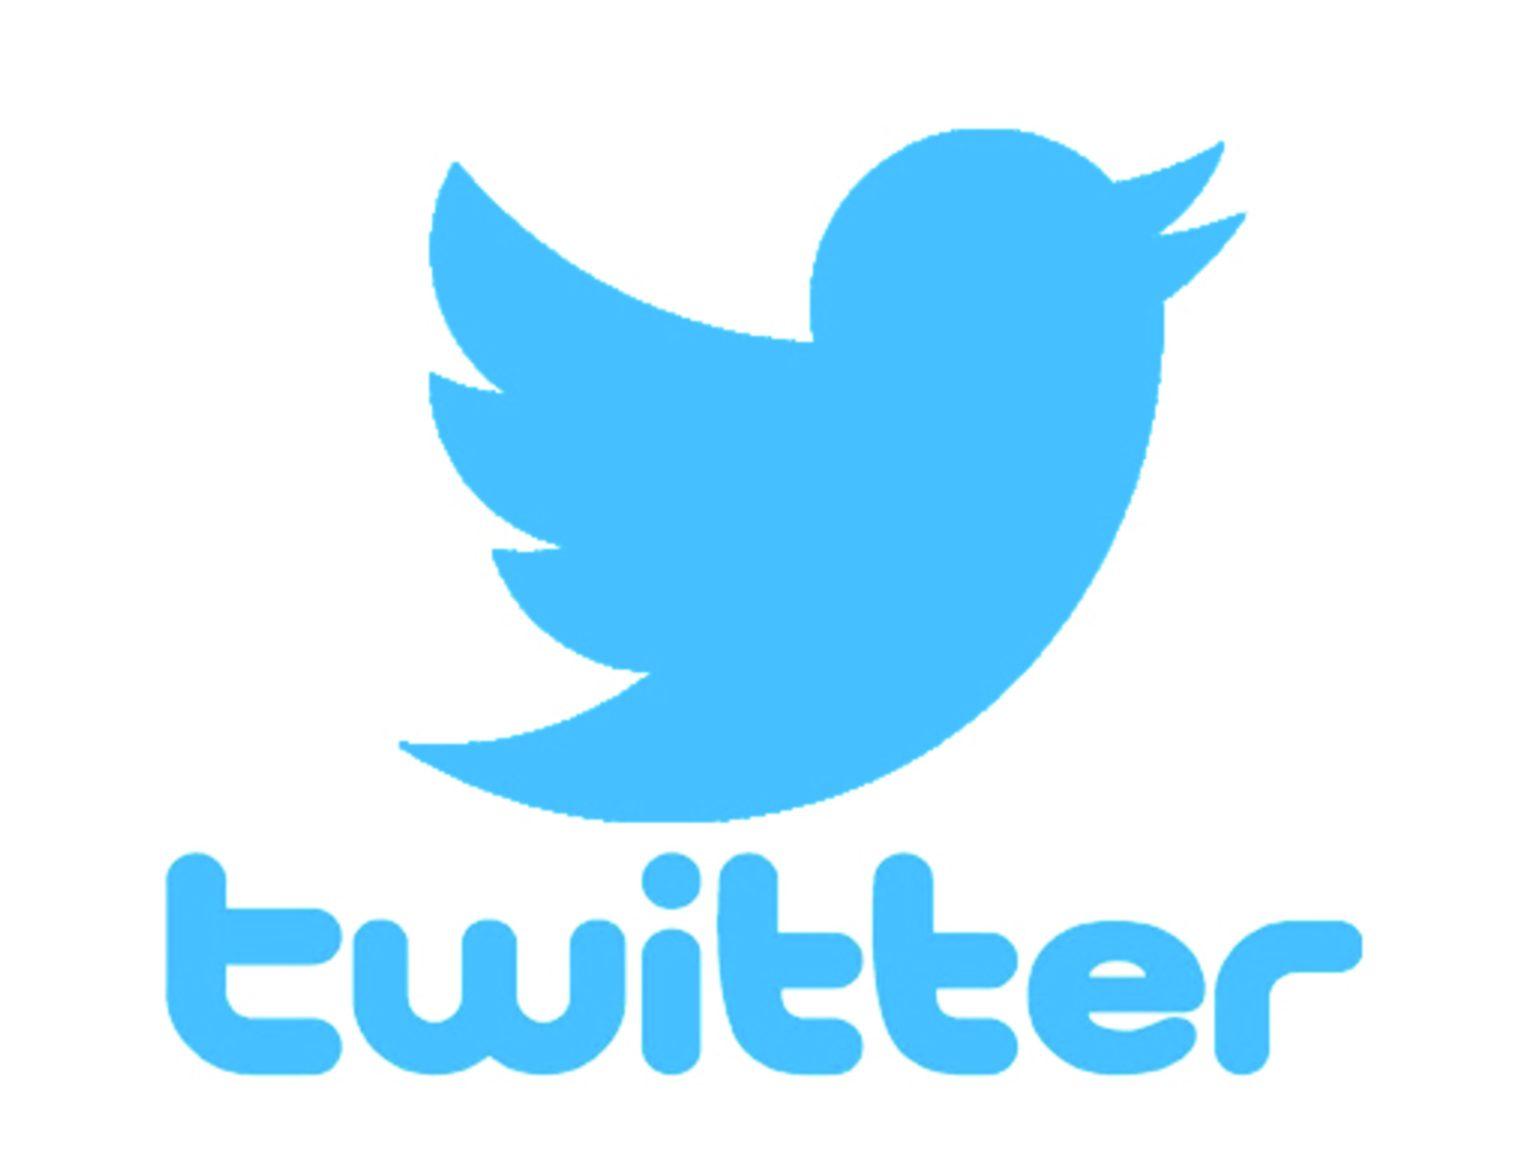 Abhin-Twitter-response-edied